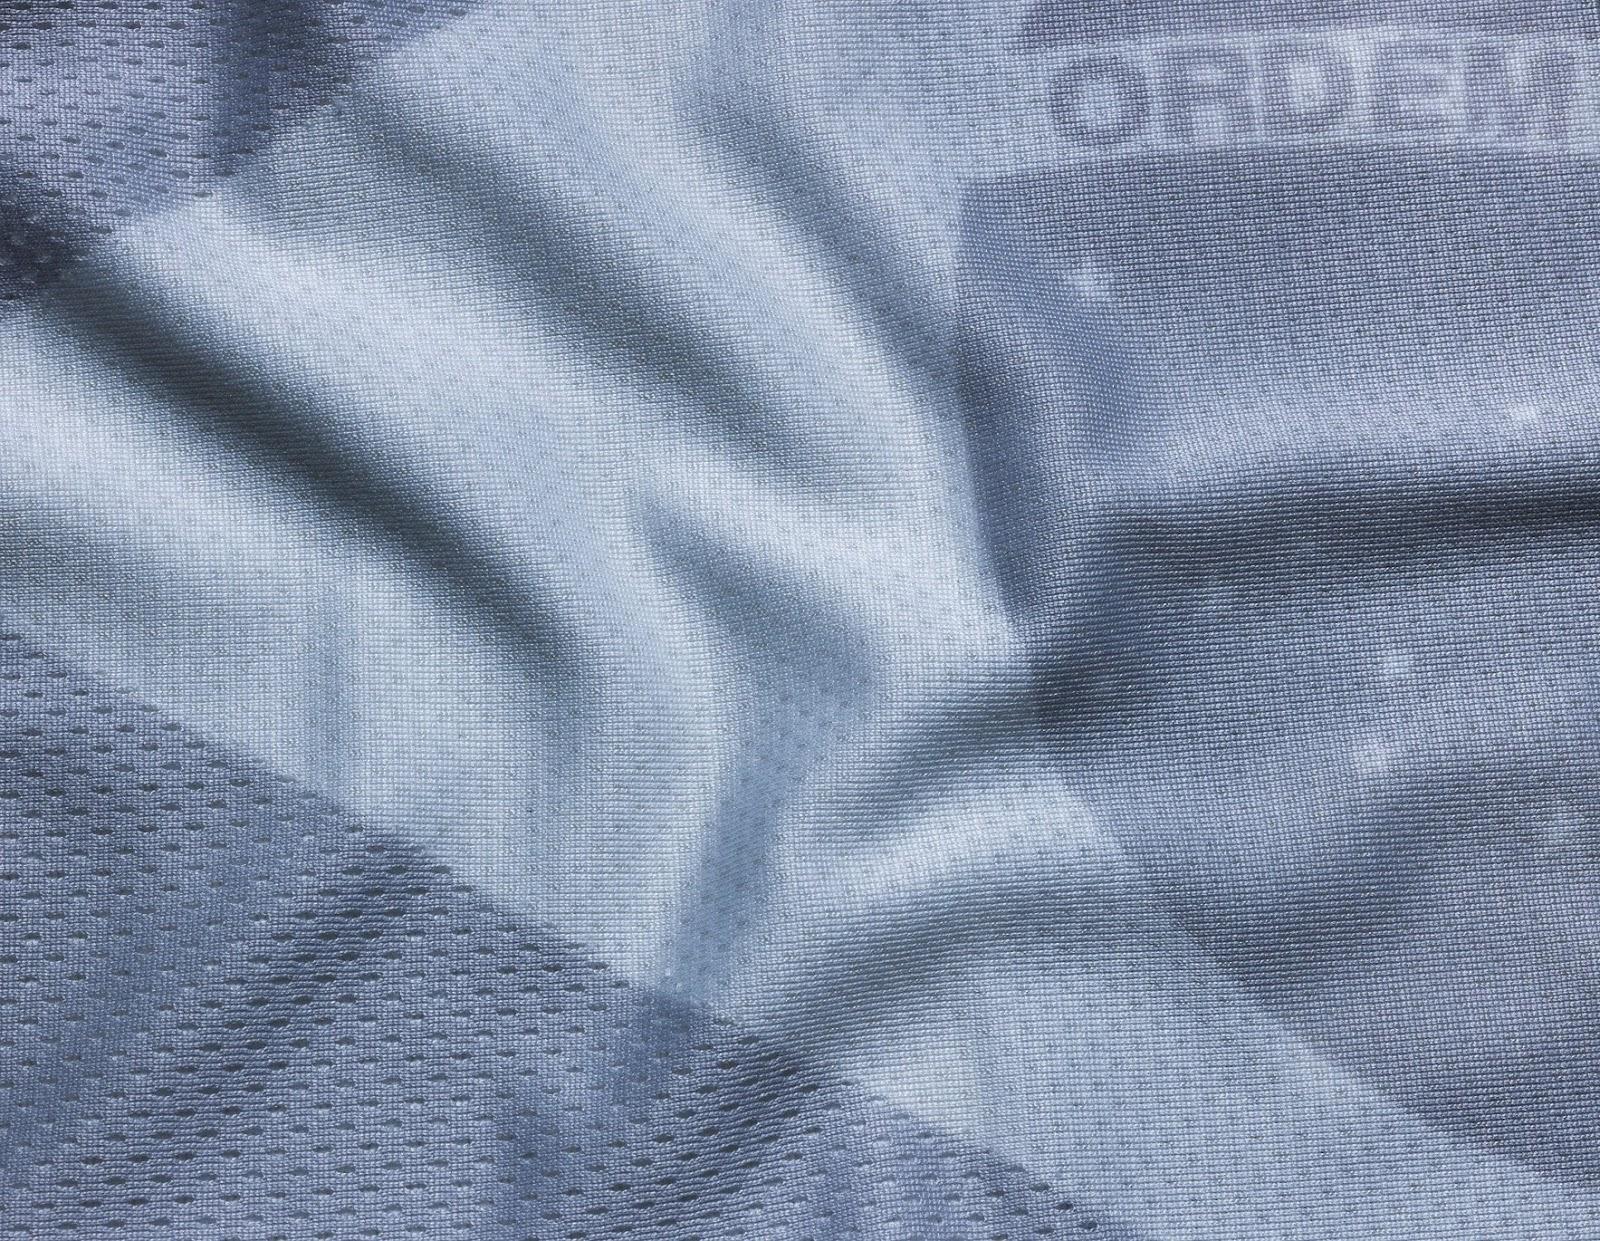 Basquete brasileiro veste Nike na Olimpíada de Londres 2012 - Show de  Camisas 1eb3c3398fee4